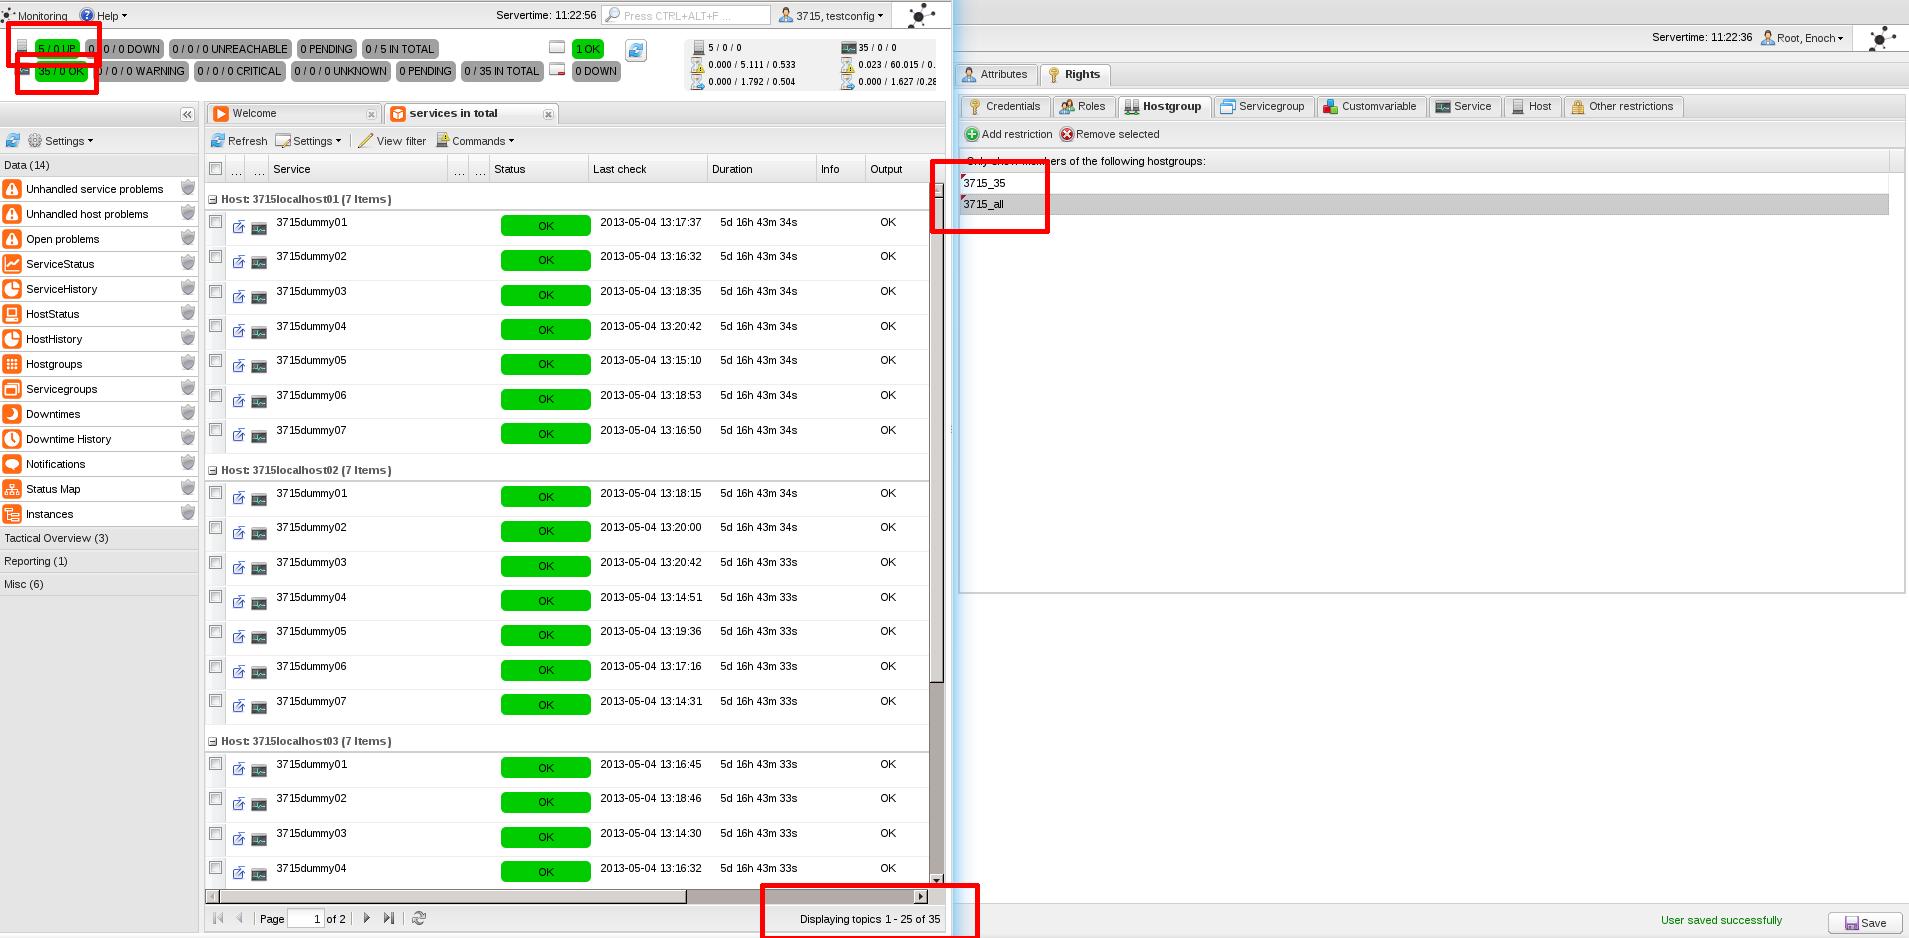 icinga_web_1.9_mysql_permissions_hg_overlapping_fixed_01.png